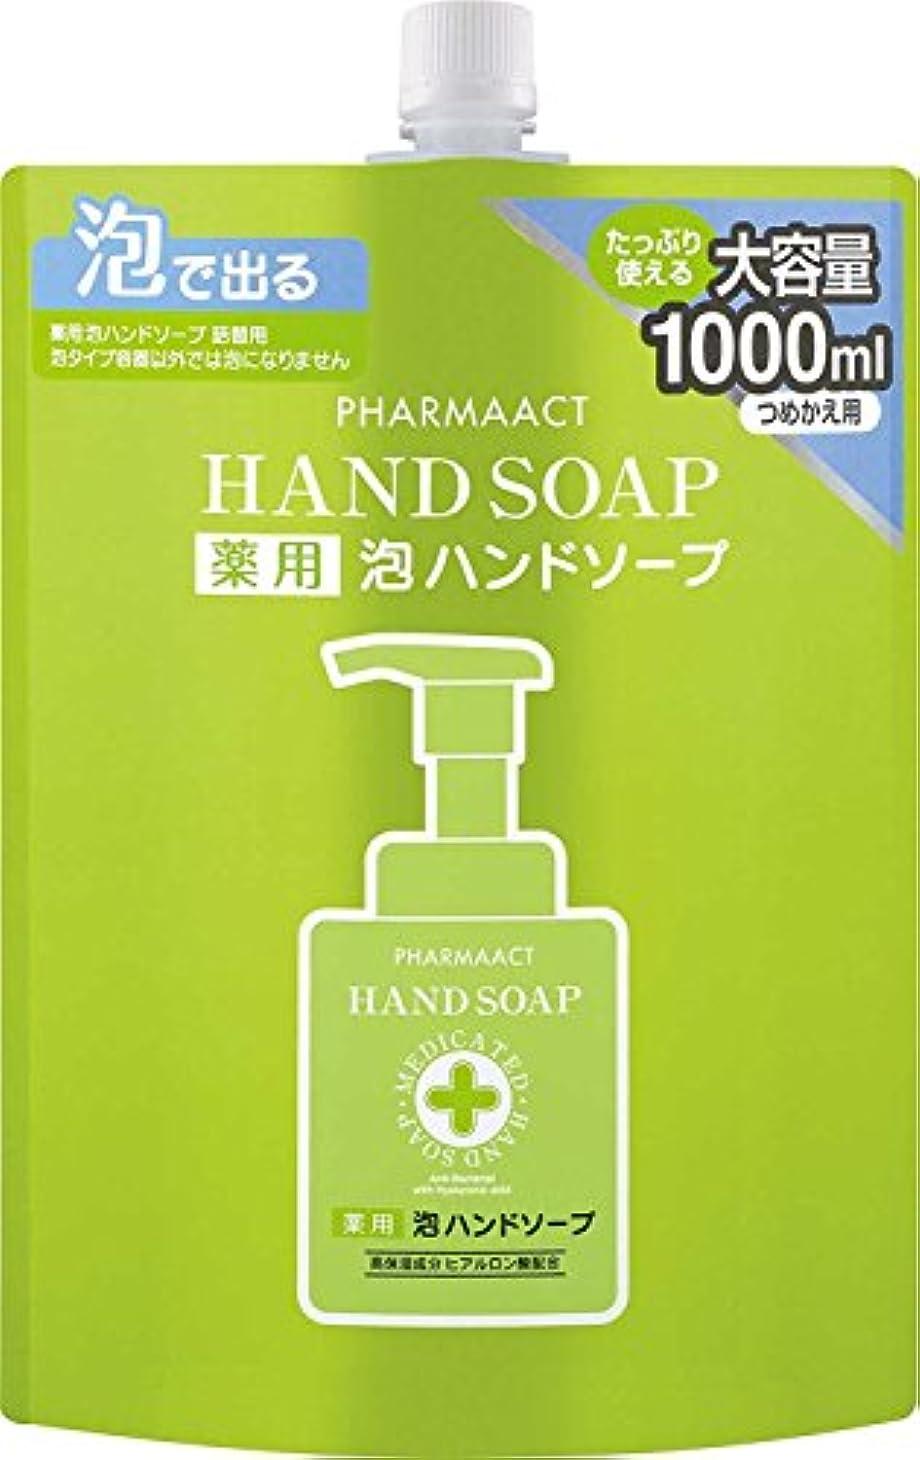 蓮費やす幻滅する熊野油脂 PHARMAACT(ファーマアクト) 薬用泡ハンドソープ詰替スパウト付 1L